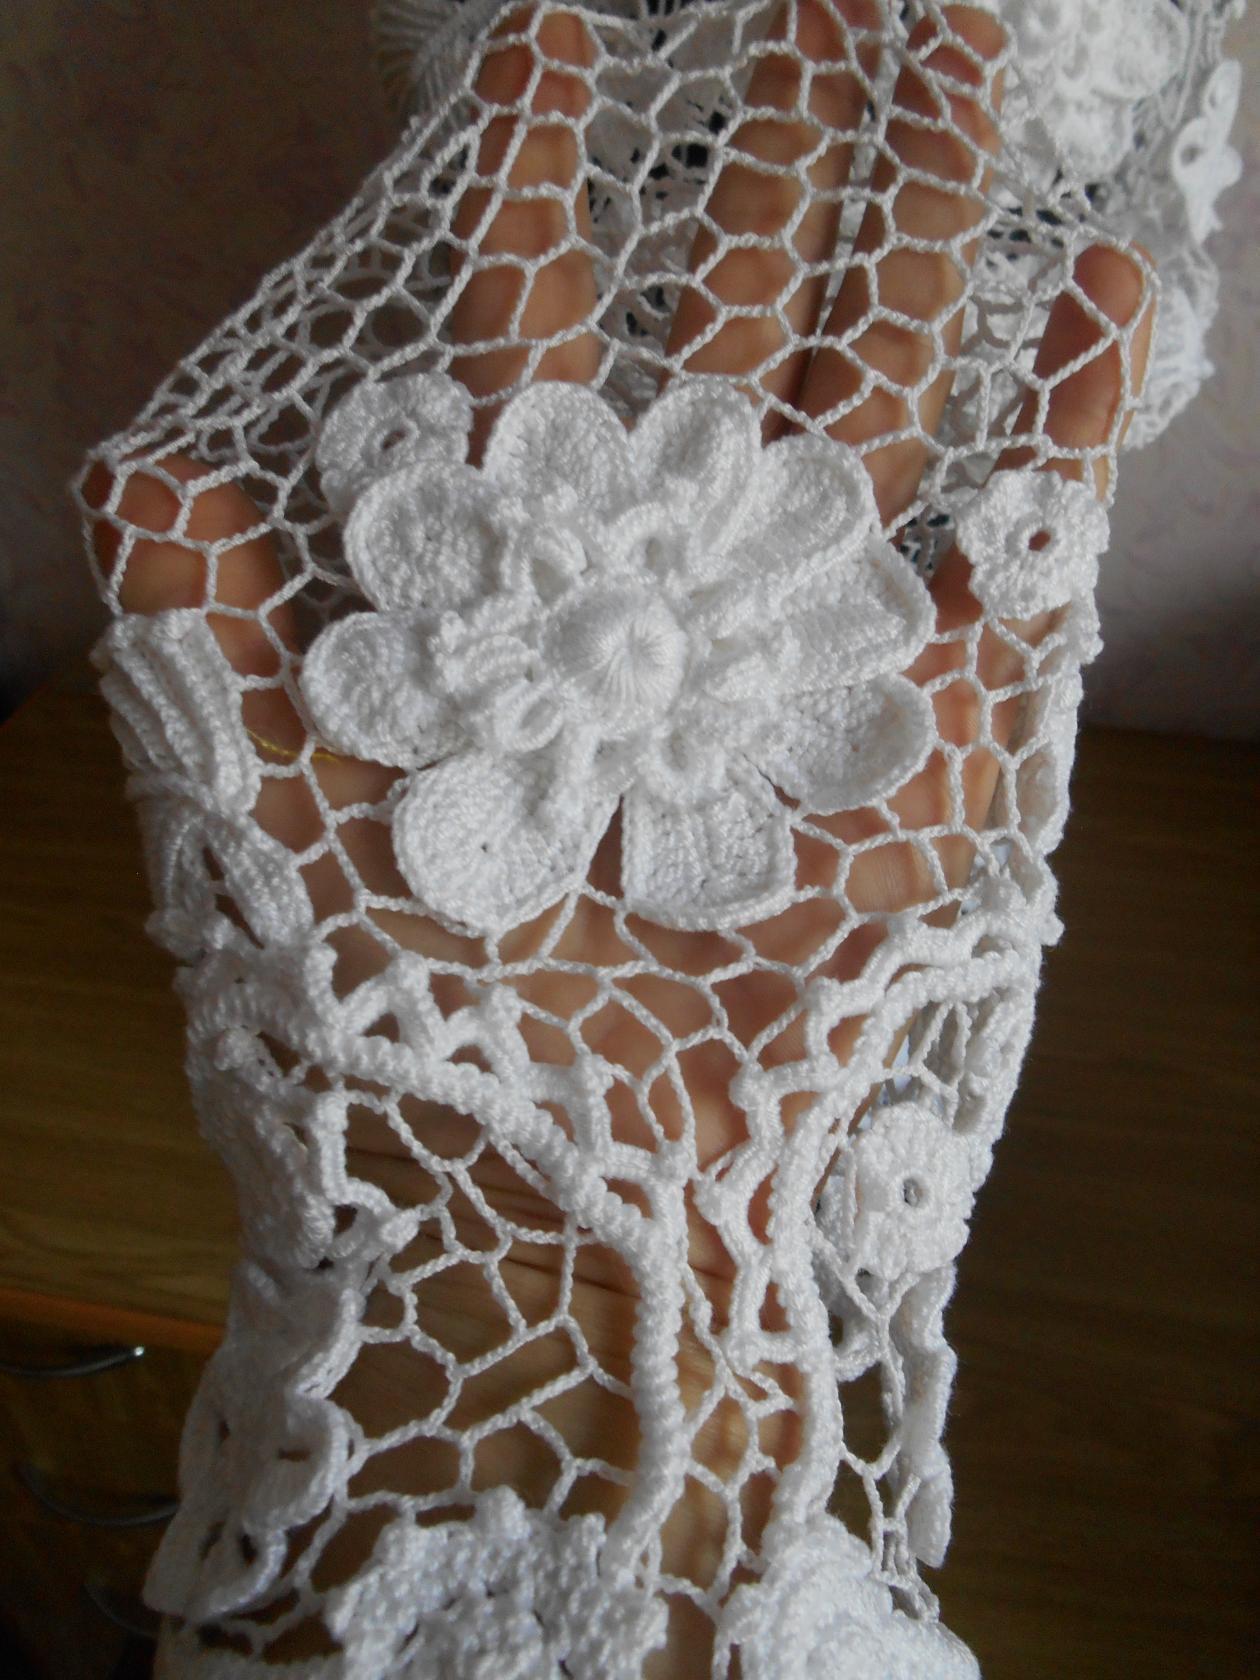 крючком кофточки кружевная одежда вязаная ирландское для платья заказ женщин кружево вязание